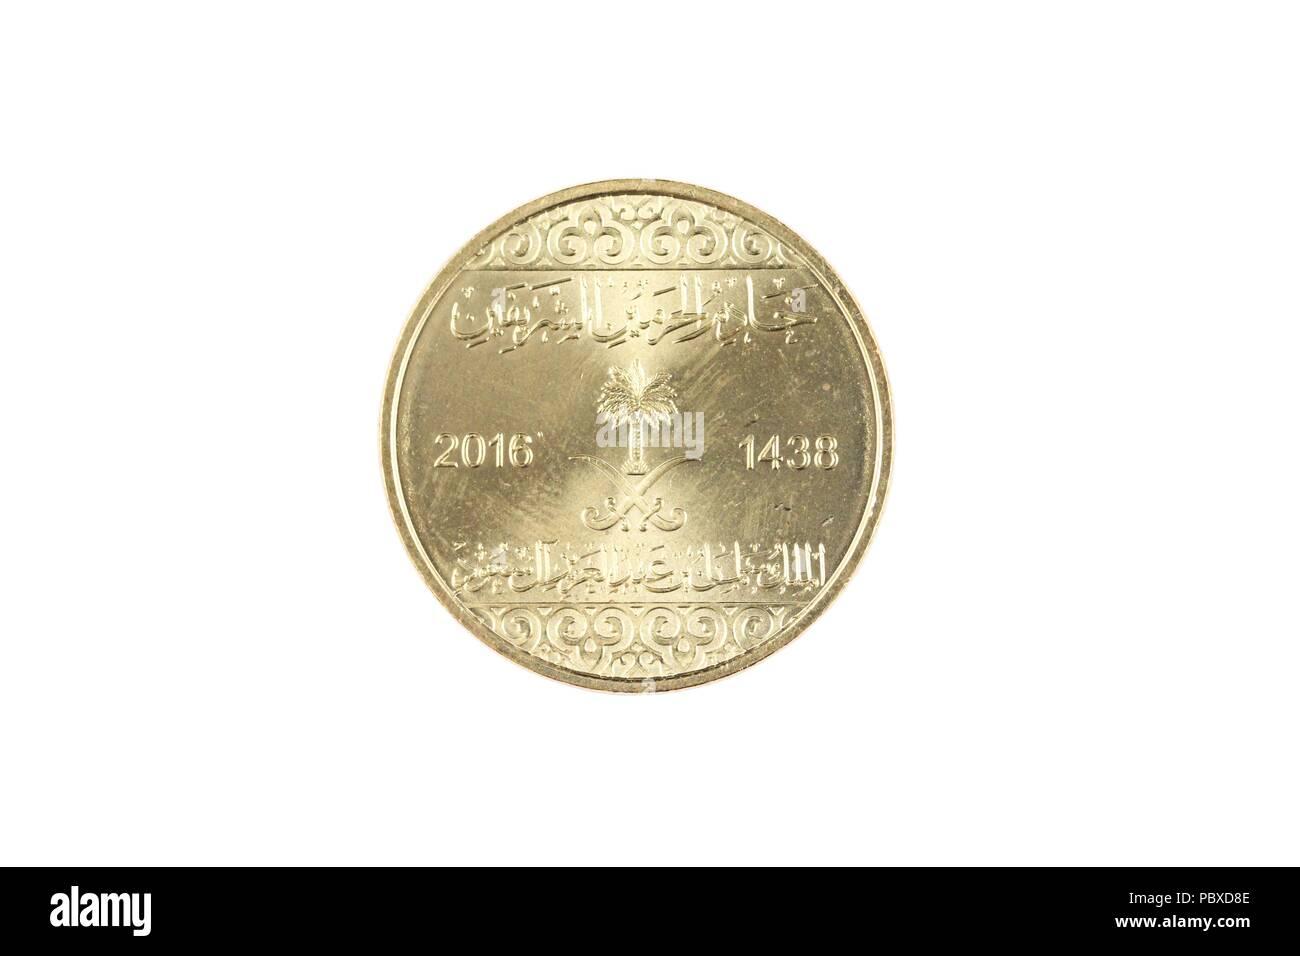 Ein Super Makro Bild Einer Saudi Arabischen 50 Halalas Münze Auf